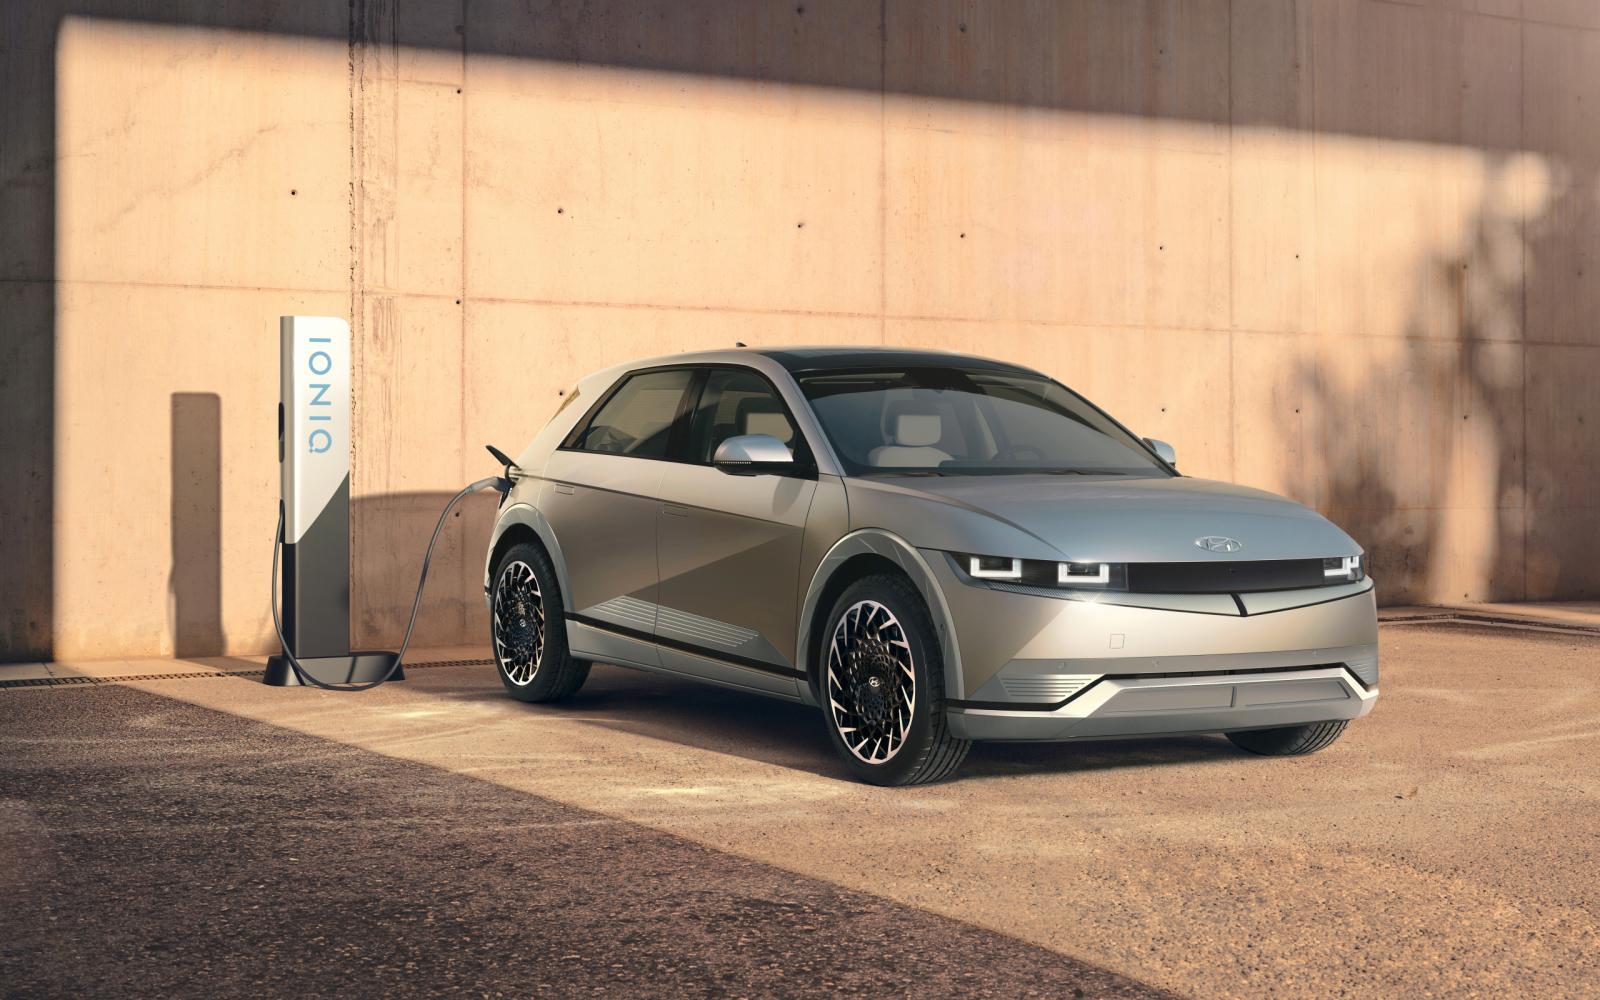 Elektrische Hyundai Ioniq 5 iets beter geprijsd dan de Volkswagen ID.4